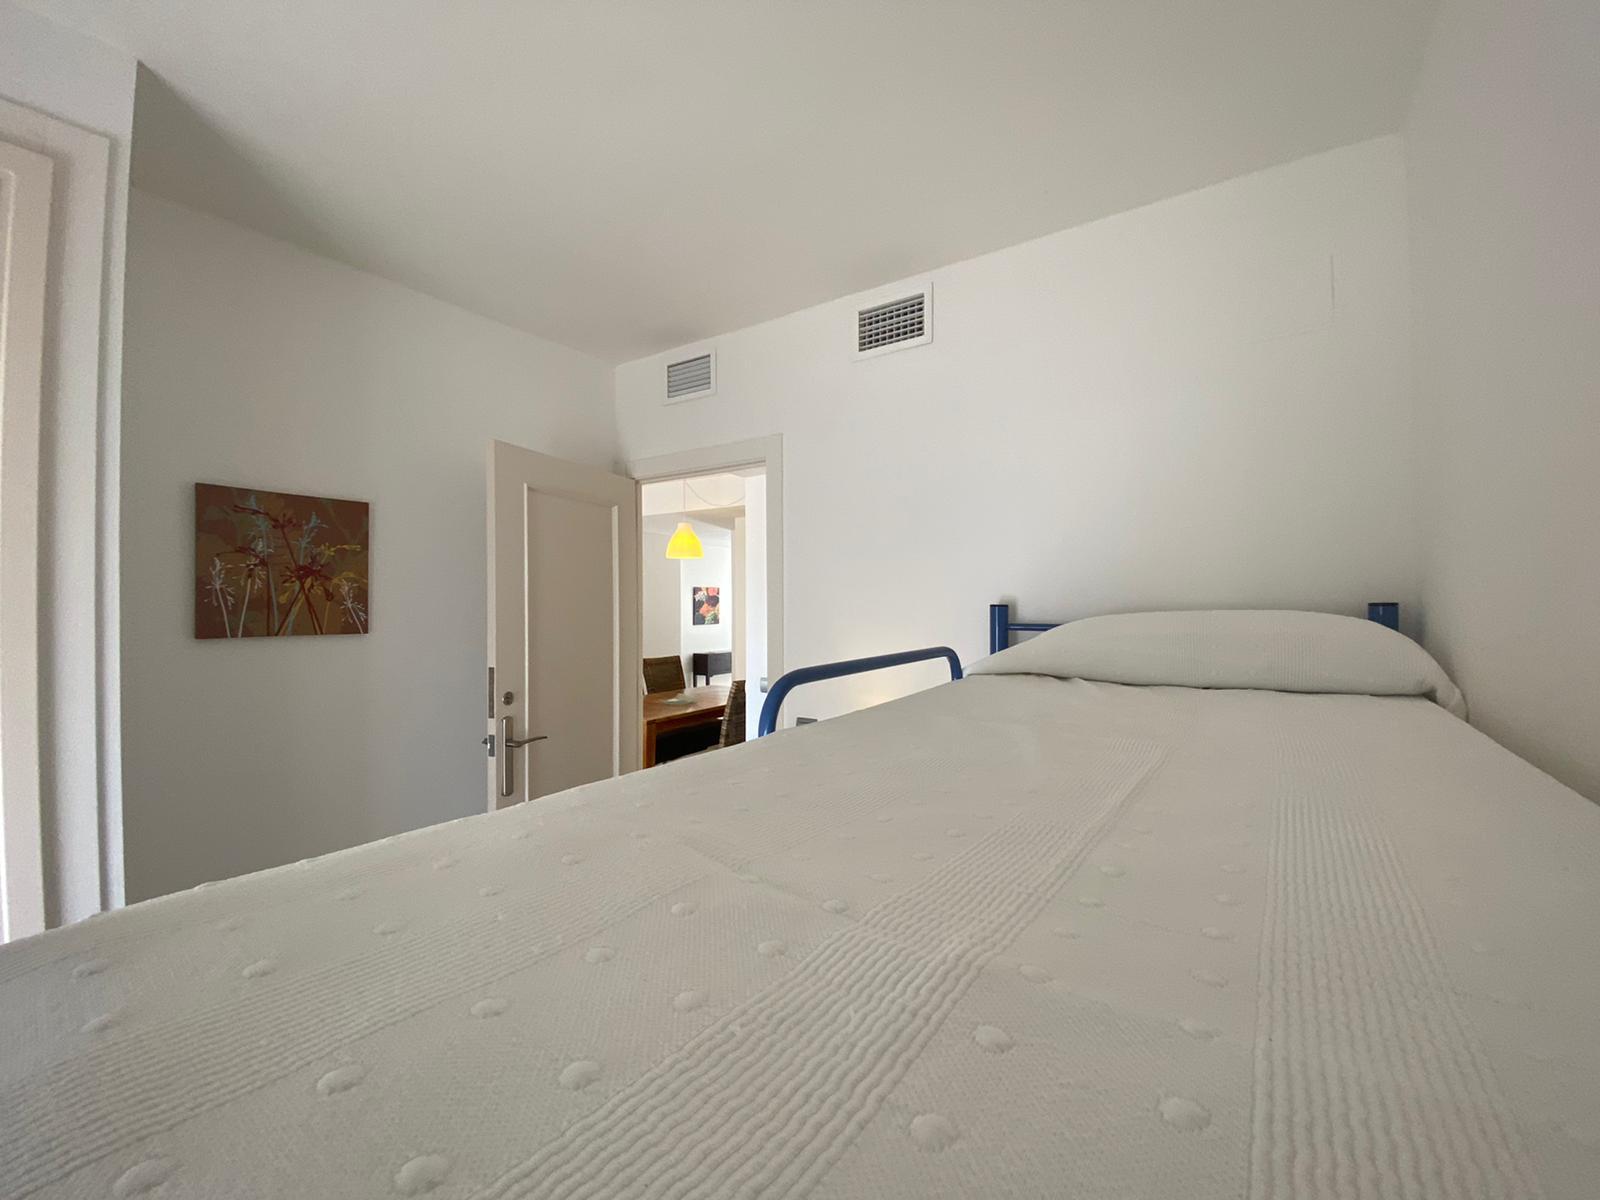 Imagen 35 del Apartamento Turístico, Ático 8 Central (3d+2b), Punta del Moral (HUELVA), Paseo de la Cruz nº22